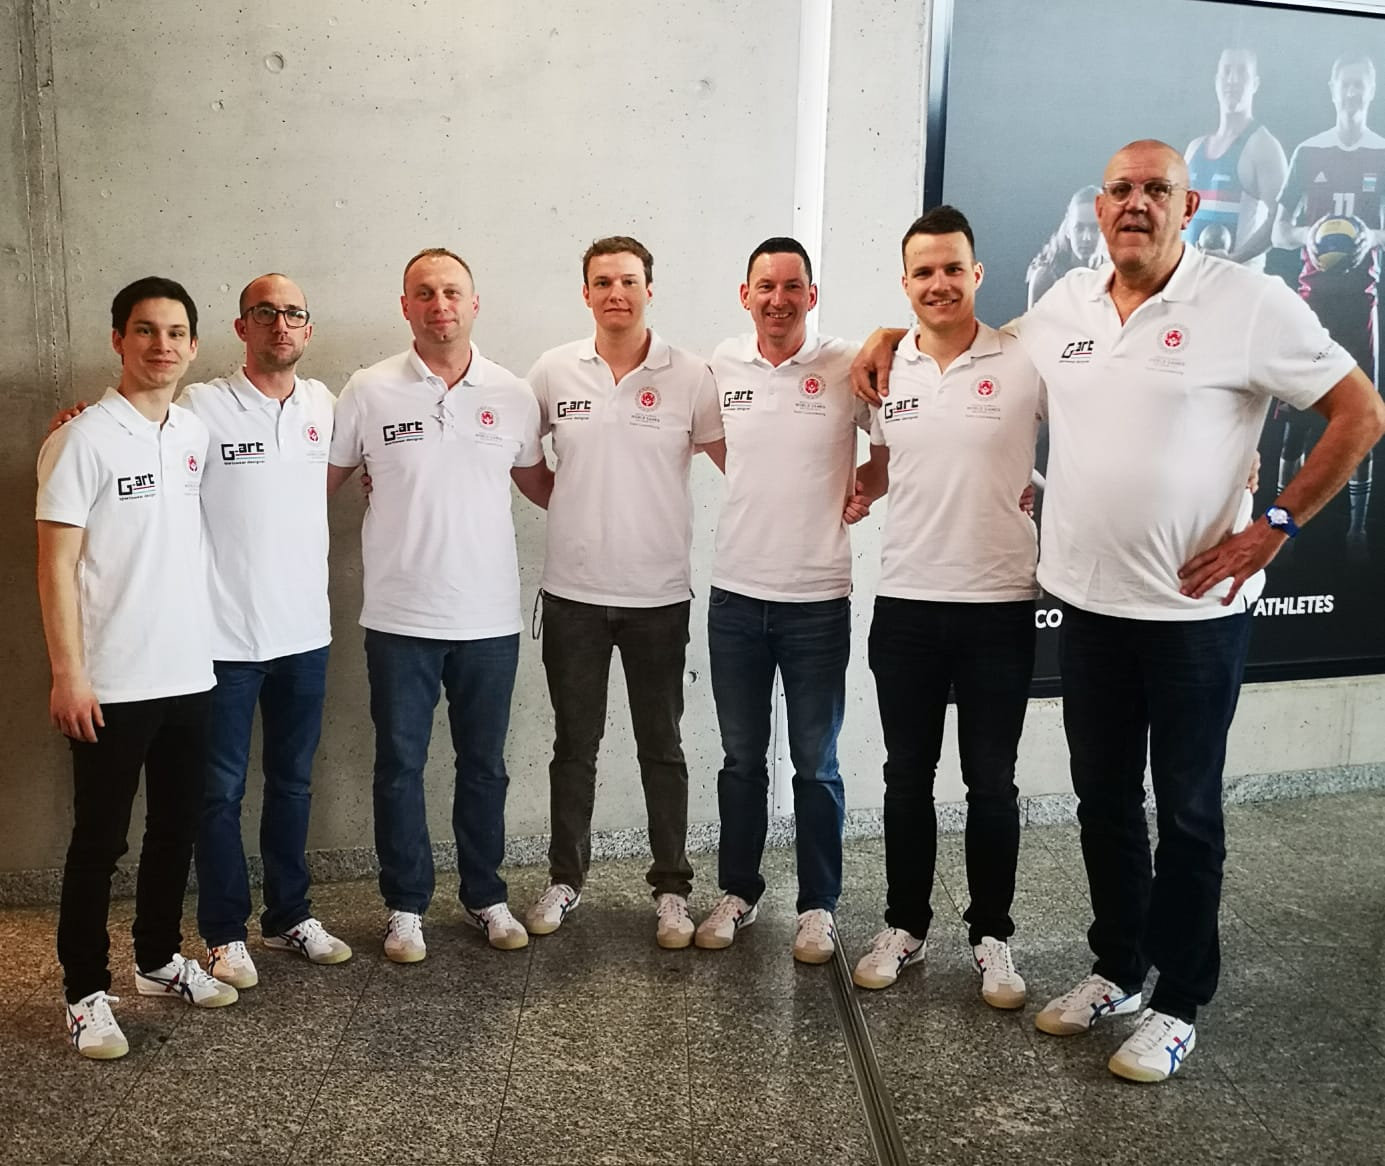 Hären D vum Telstar bei der Special Olympics Delegatioun vertrueden!